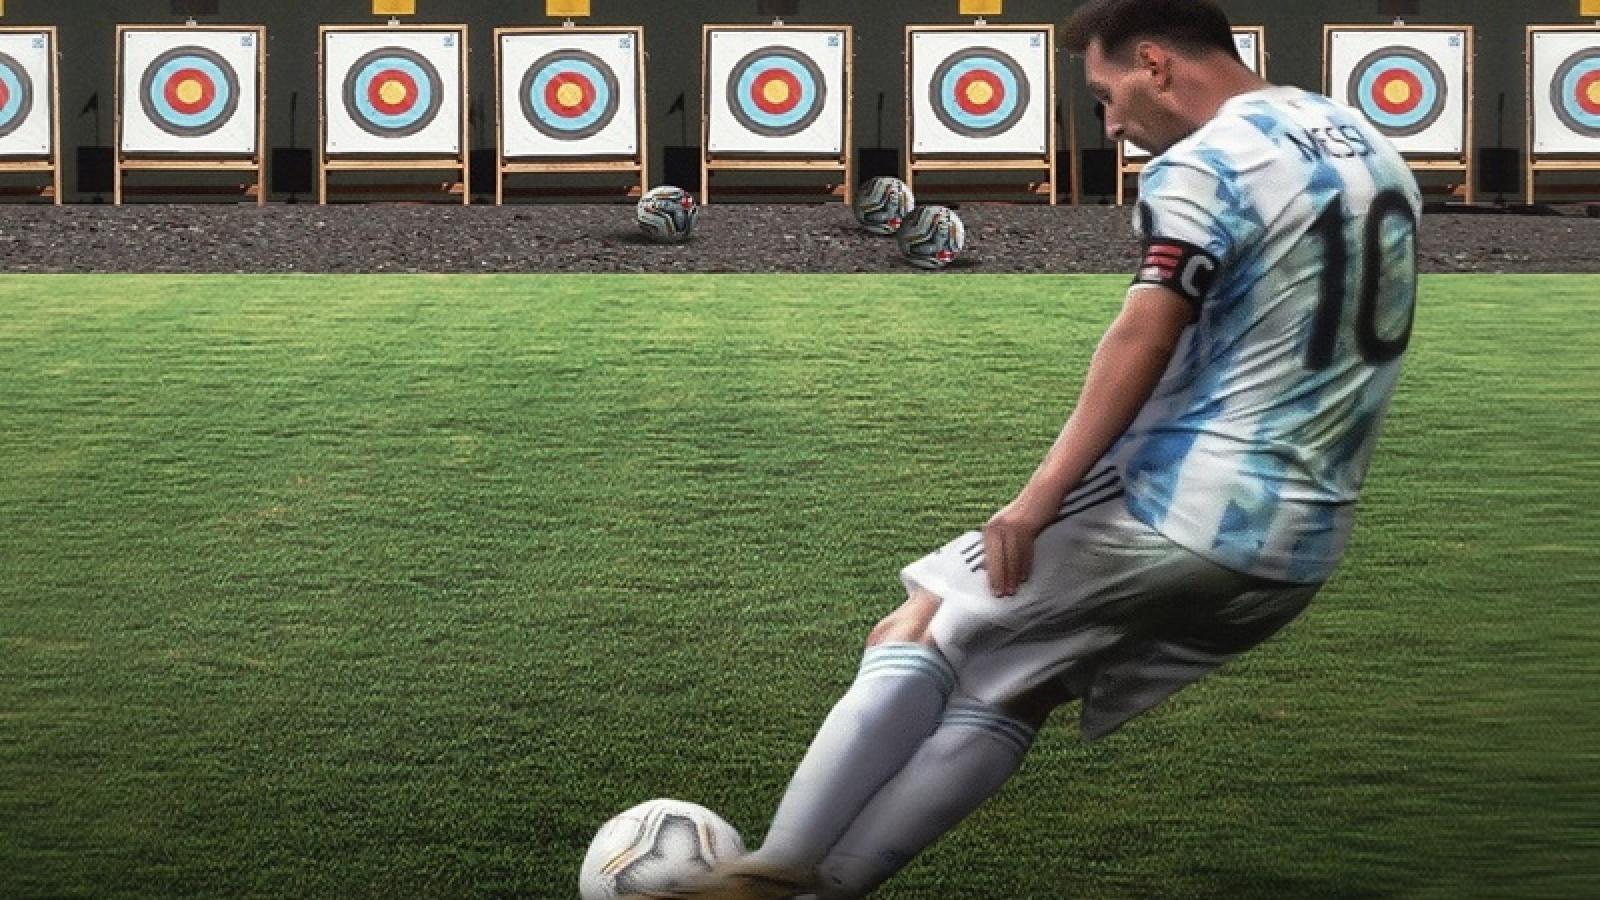 Vũ trụ bóng đá ngược đời: Messi, Ronaldo rủ nhau đi thi Olympic